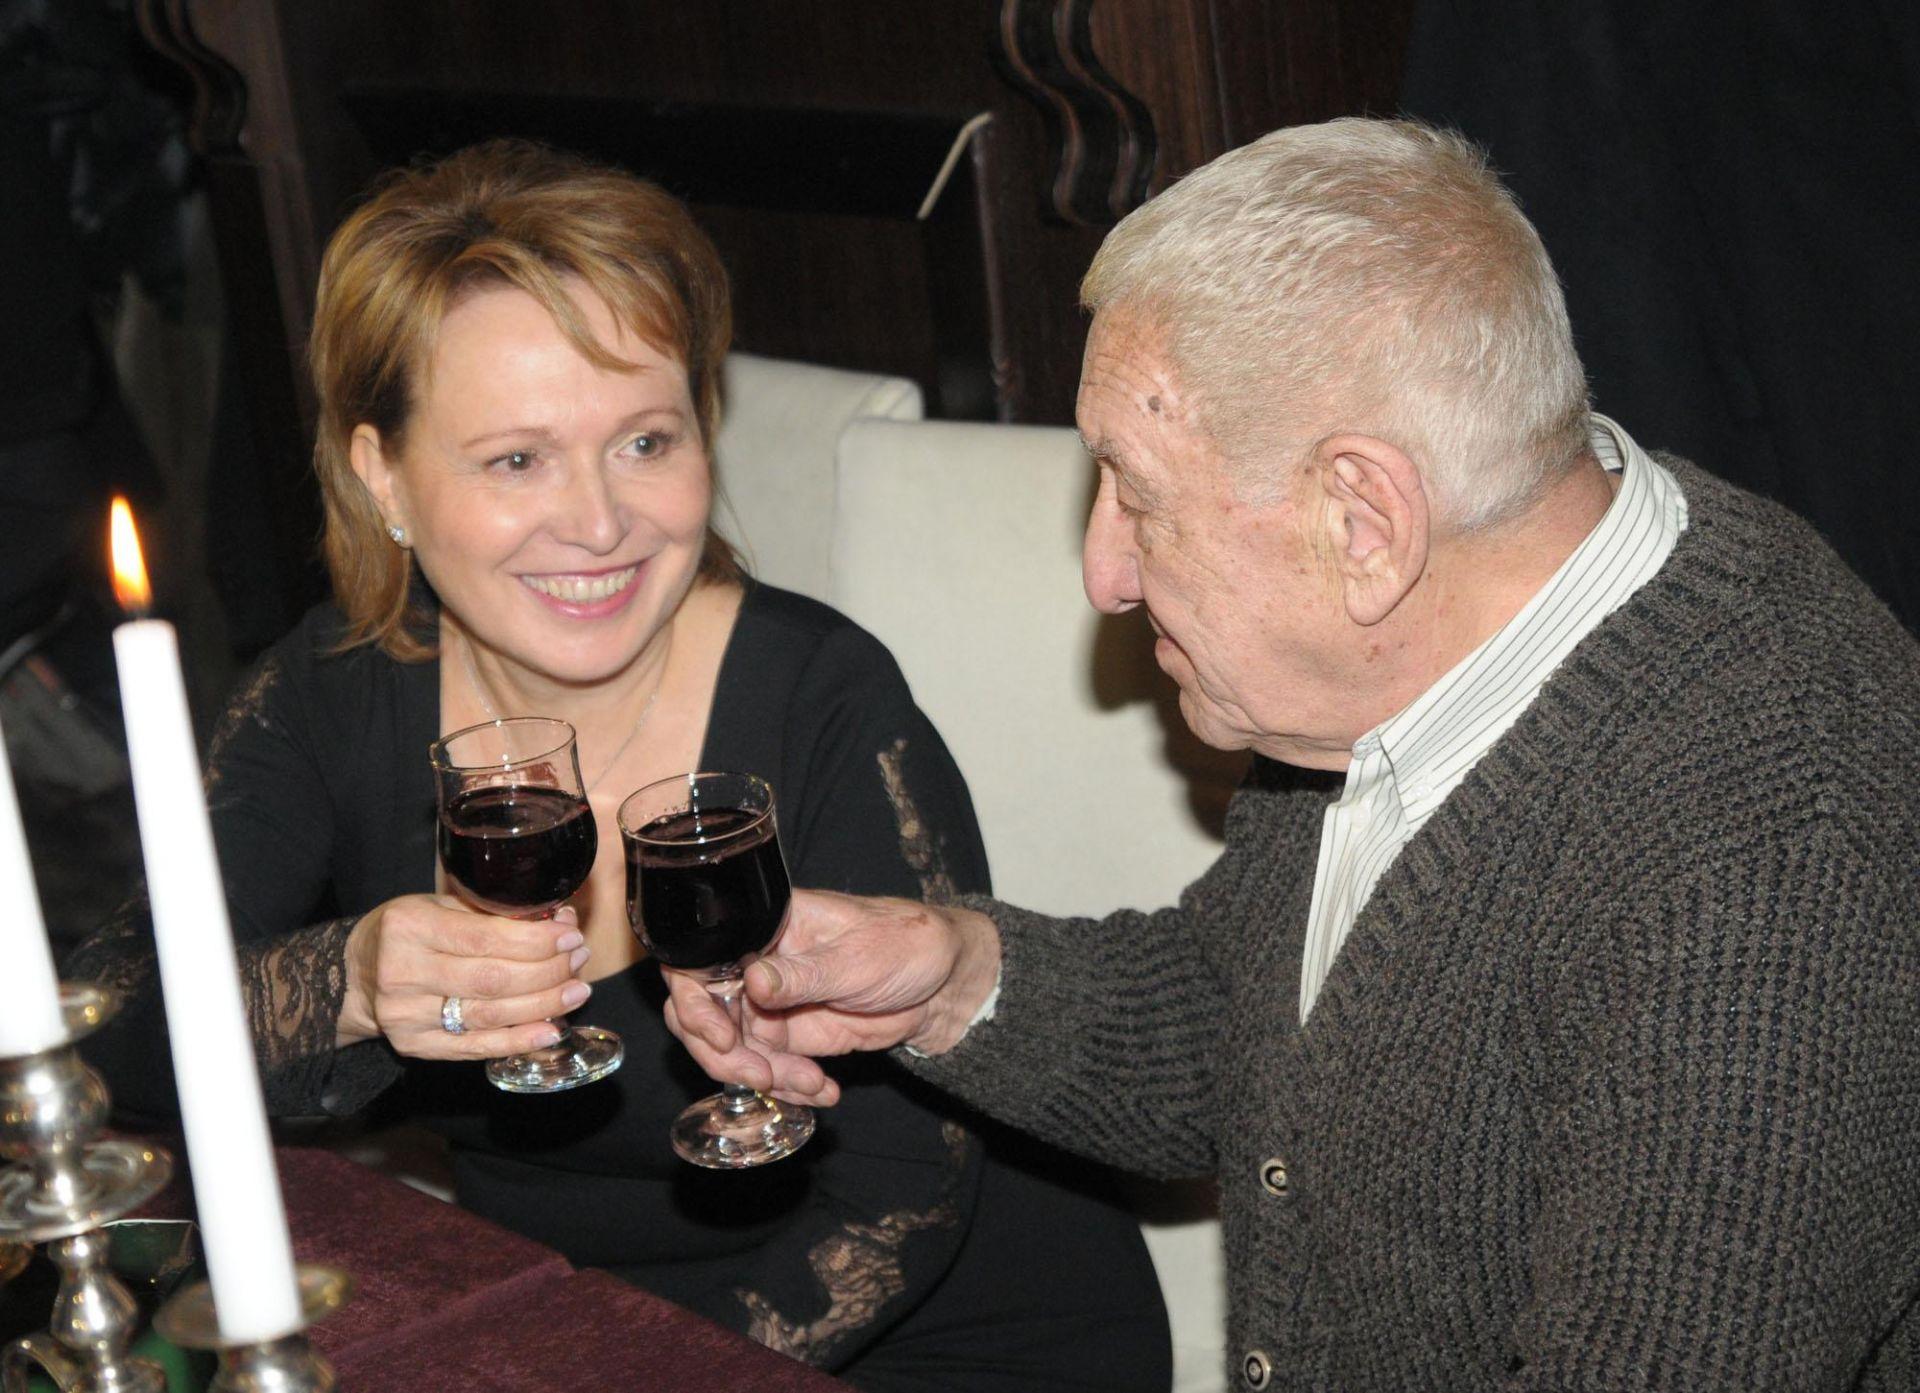 20 януари 2012 г. - Силва Зурлева и Хачо Бояджиев си дават наздраве по случай 80-ия рожден ден на режисьора